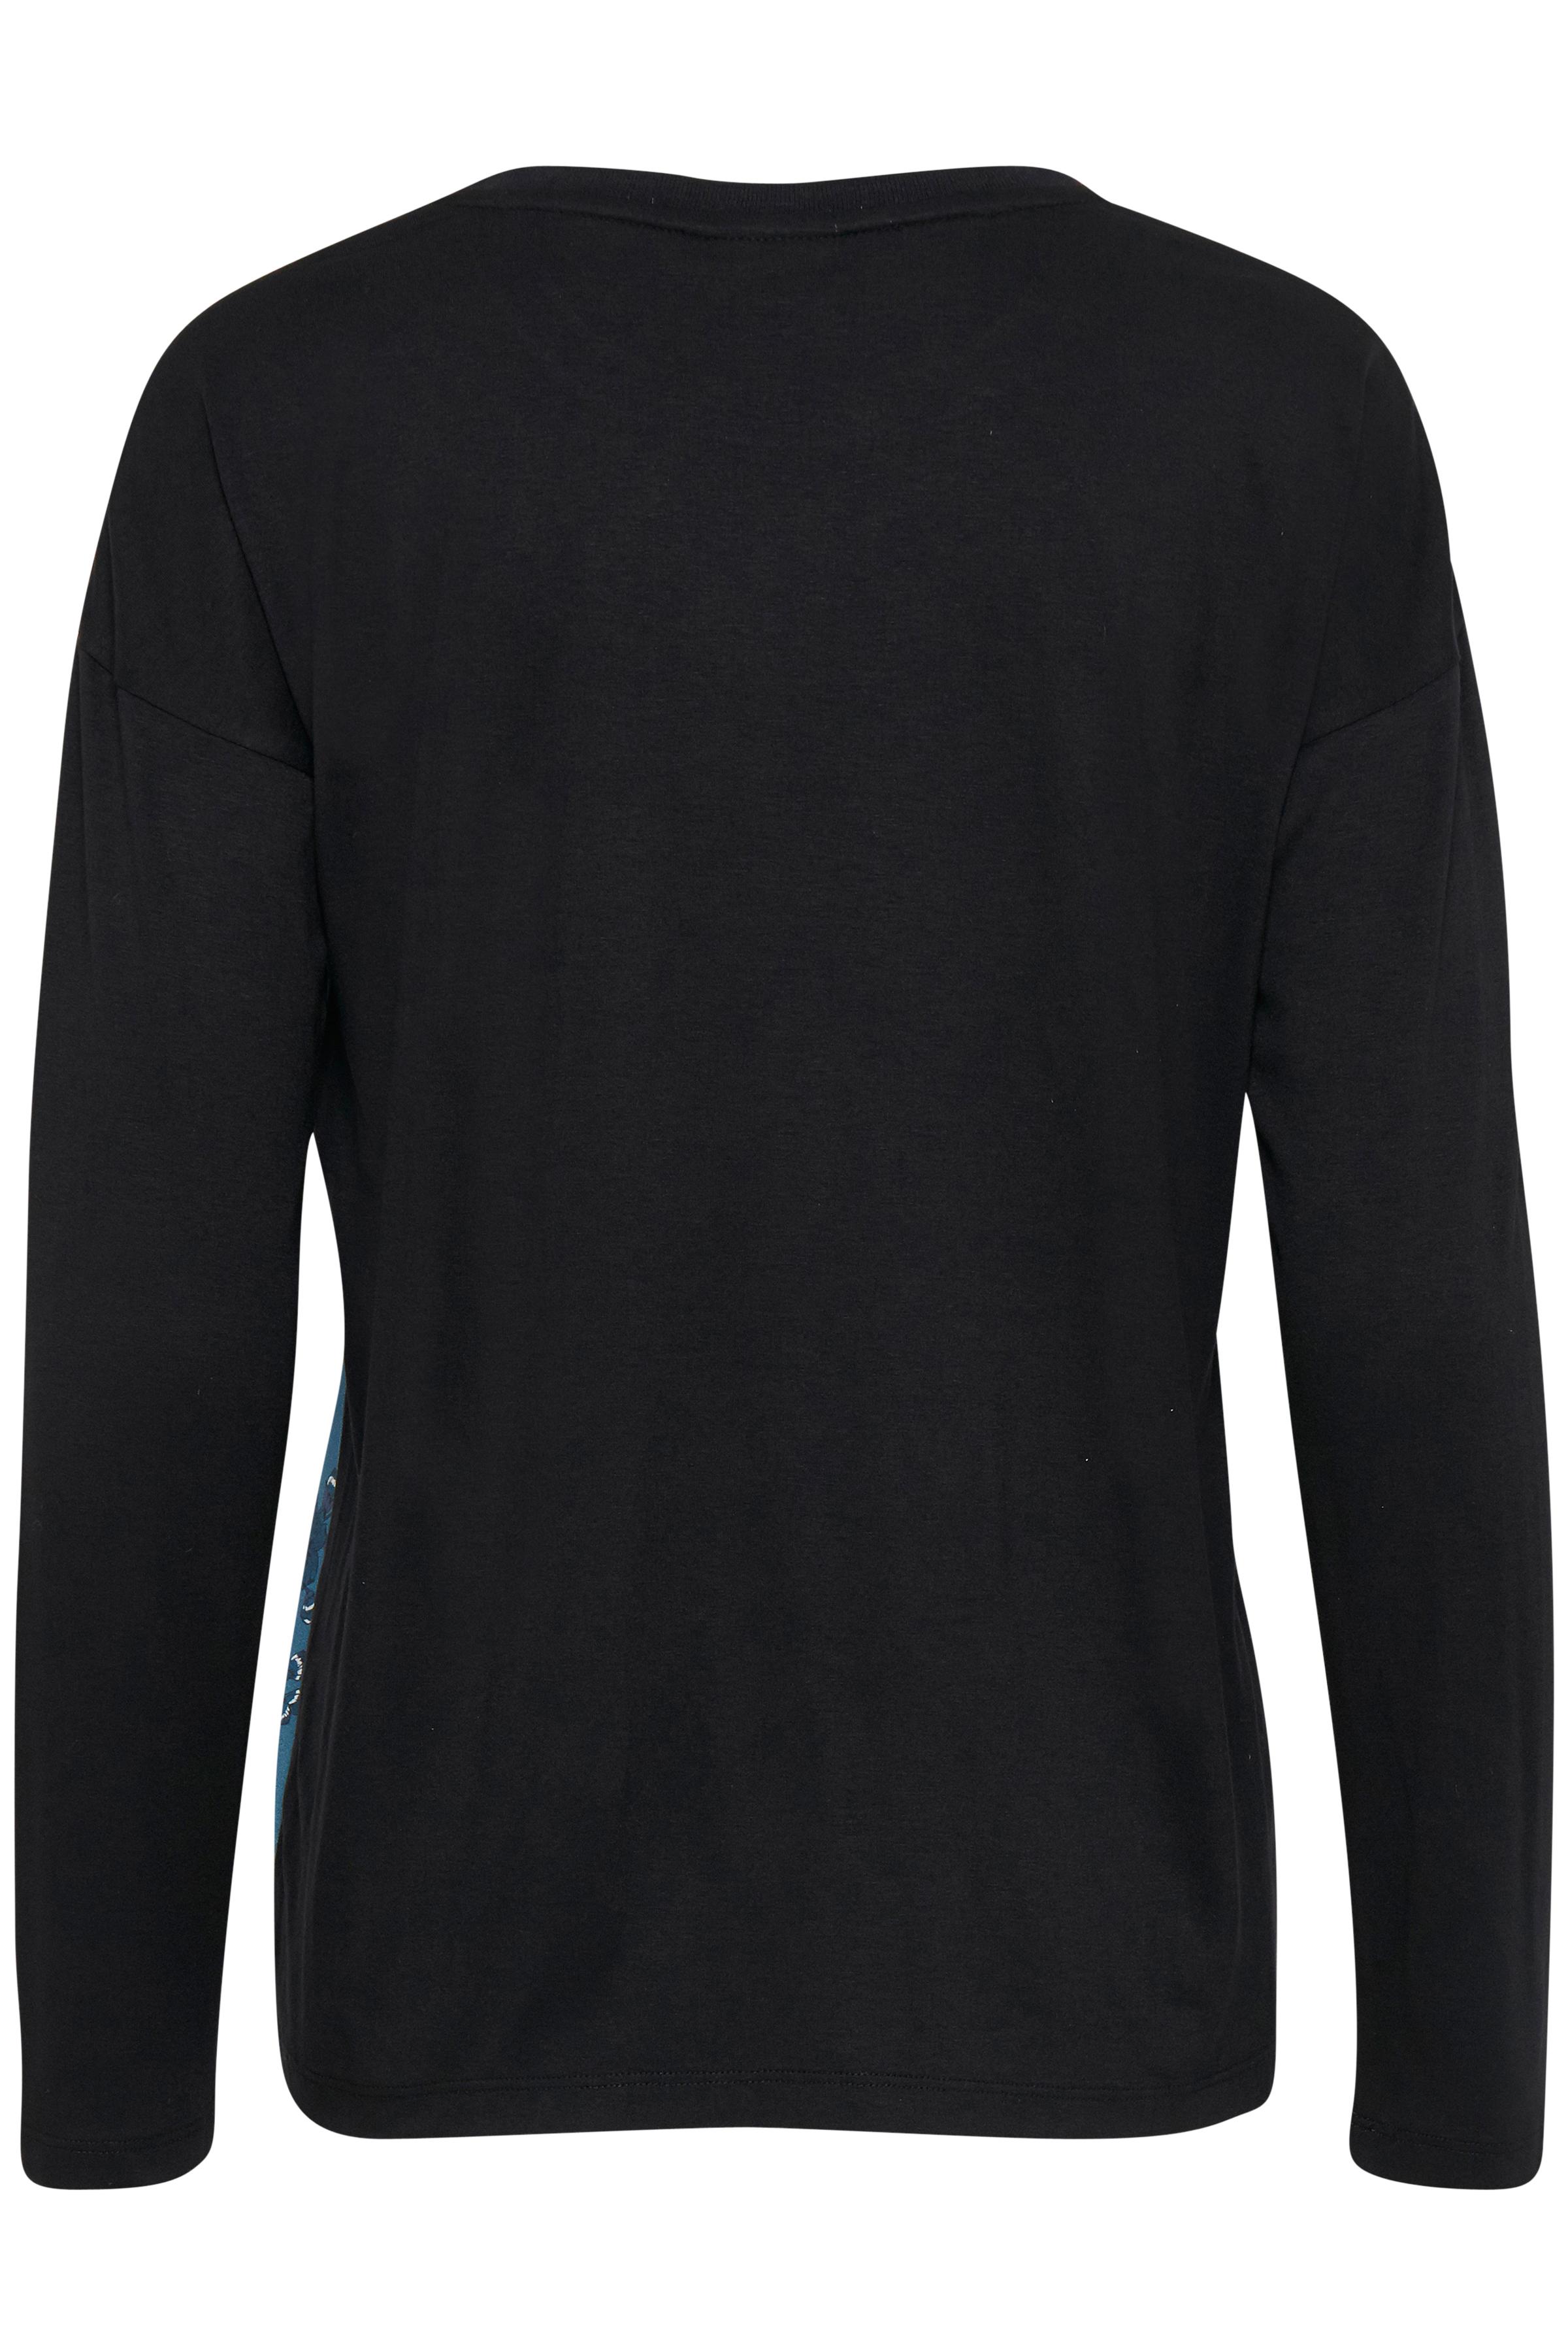 Black Langermet T-shirt fra b.young - Kjøp Black Langermet T-shirt fra størrelse XS-XXL her